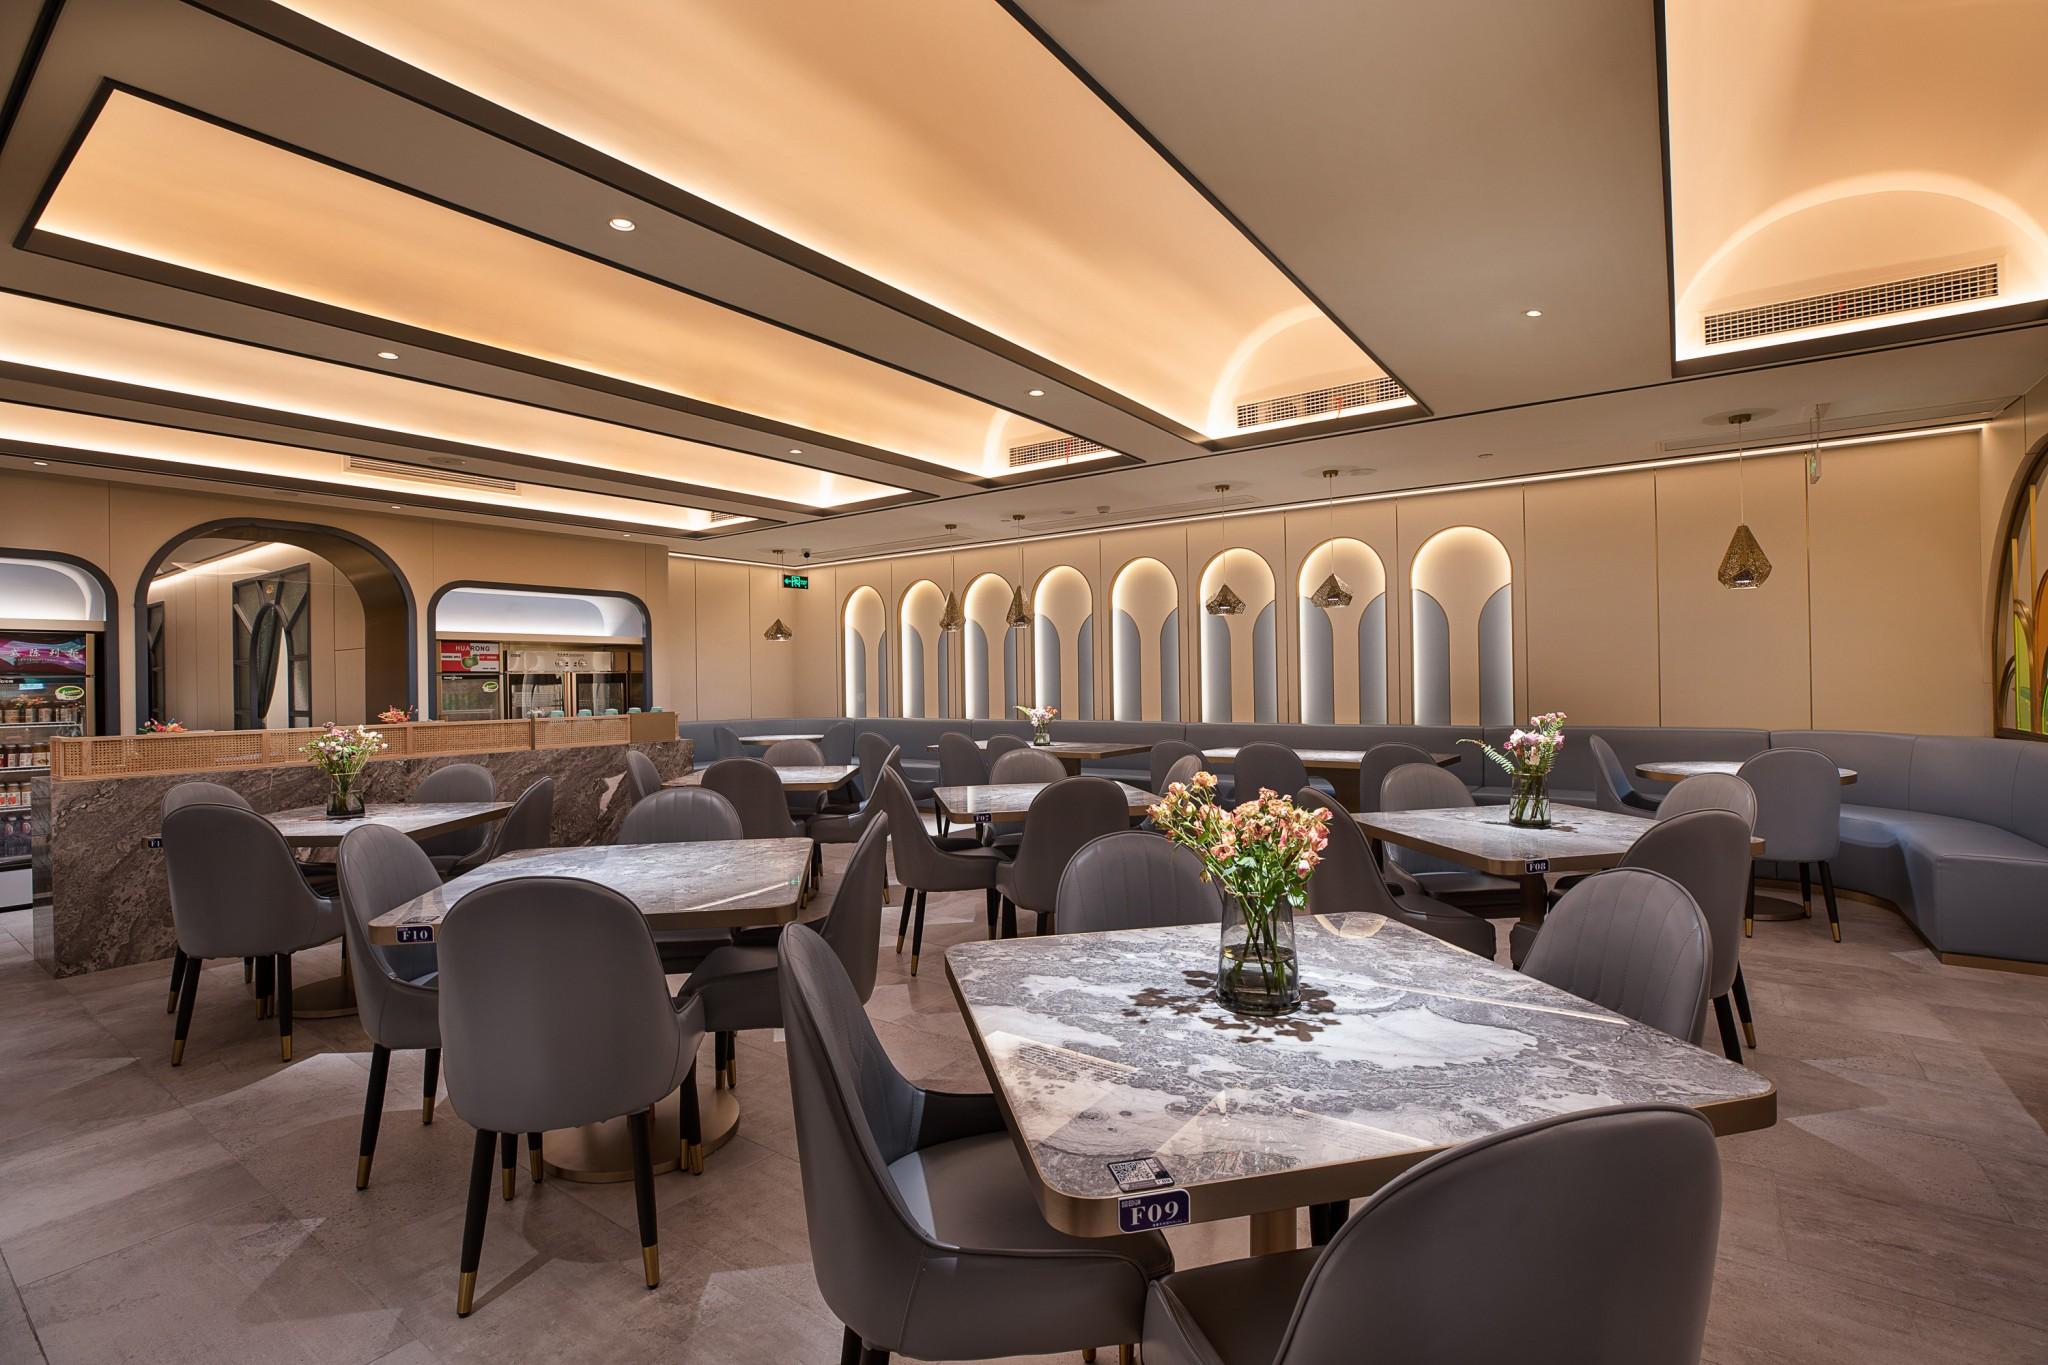 品味回西北菜餐厅设计-杭州餐厅设计-杭州达岸品牌策划设计公司11dca559592d62bd3cf3ab82ac6c2a25